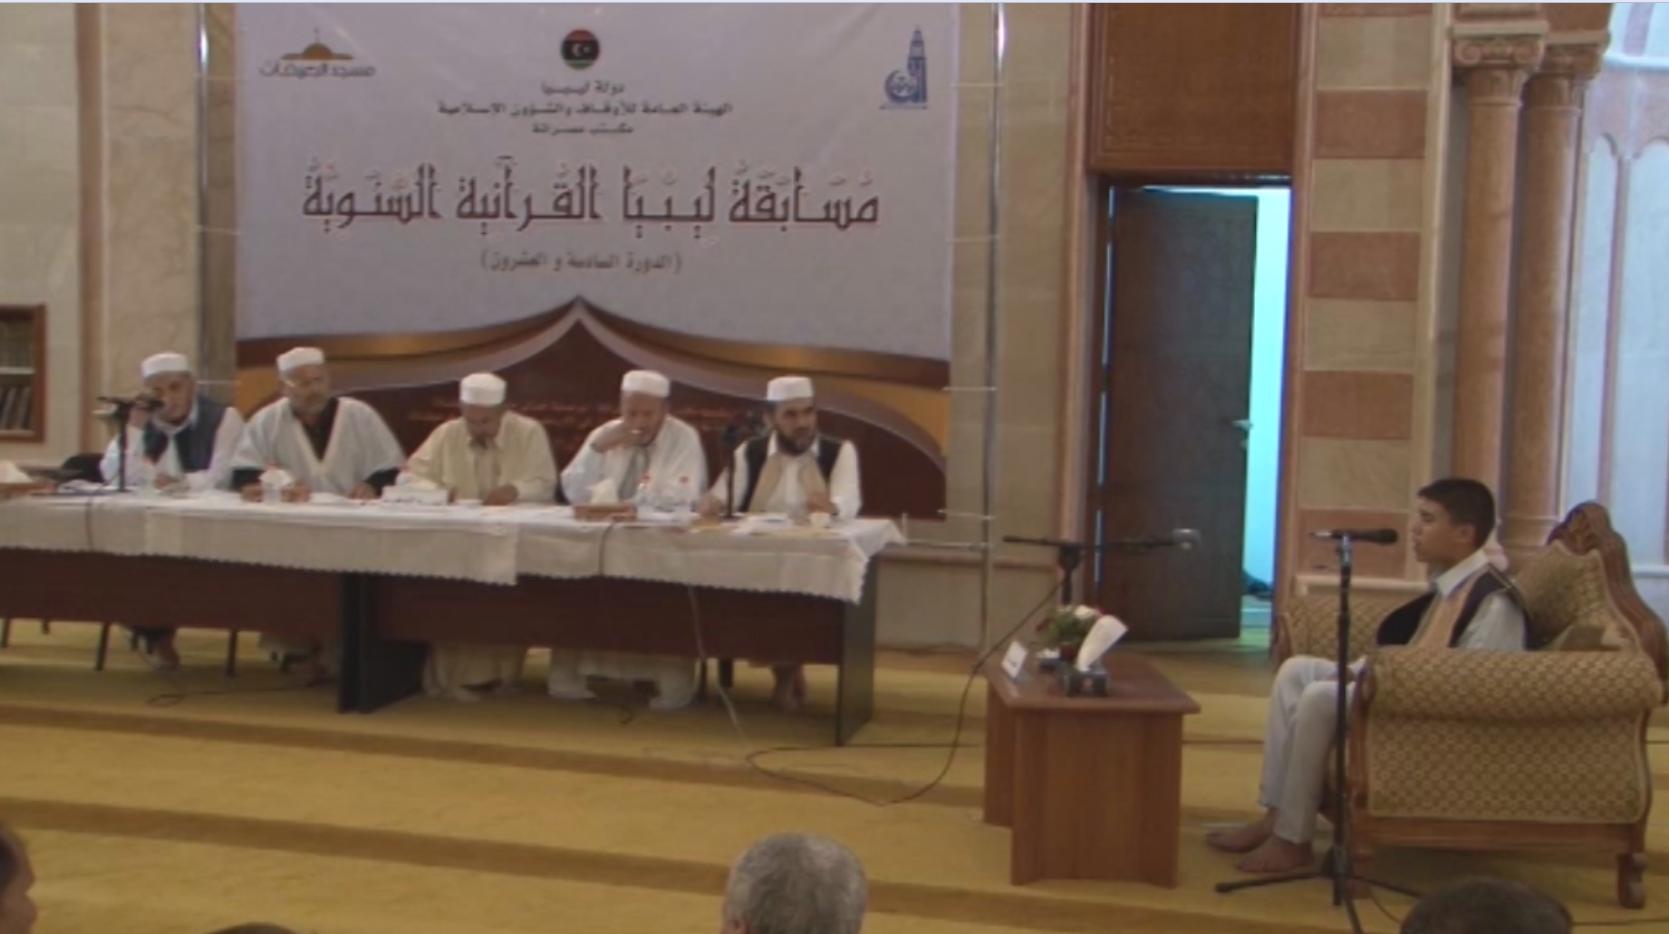 مسابقة ليبيا للقرآن في مصراتة